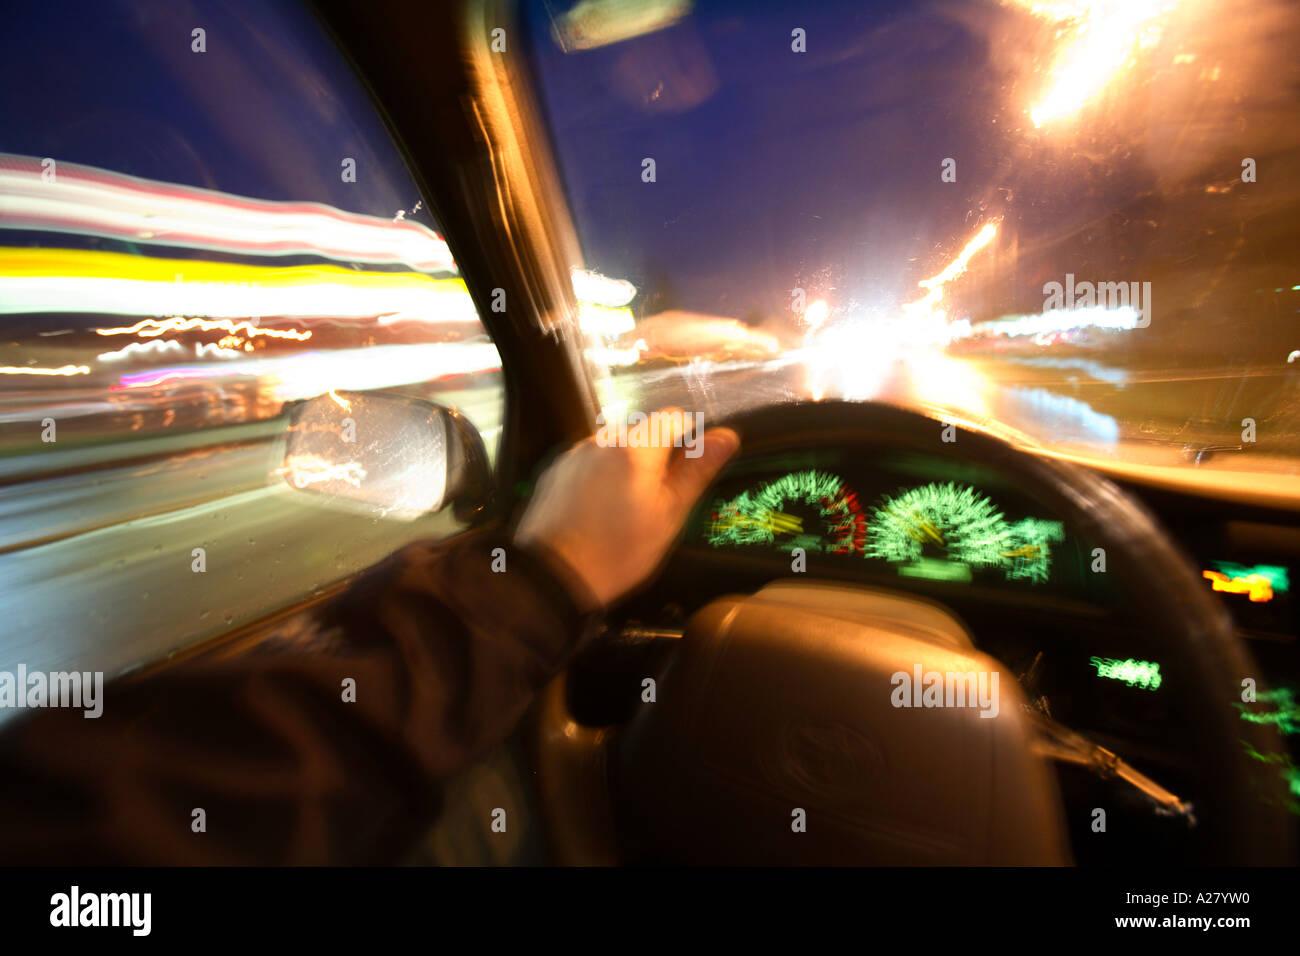 Innenansicht der Person fahren nachts mit Licht durch Unschärfe.  Aus Sicht der Fahrer erschossen. Stockbild